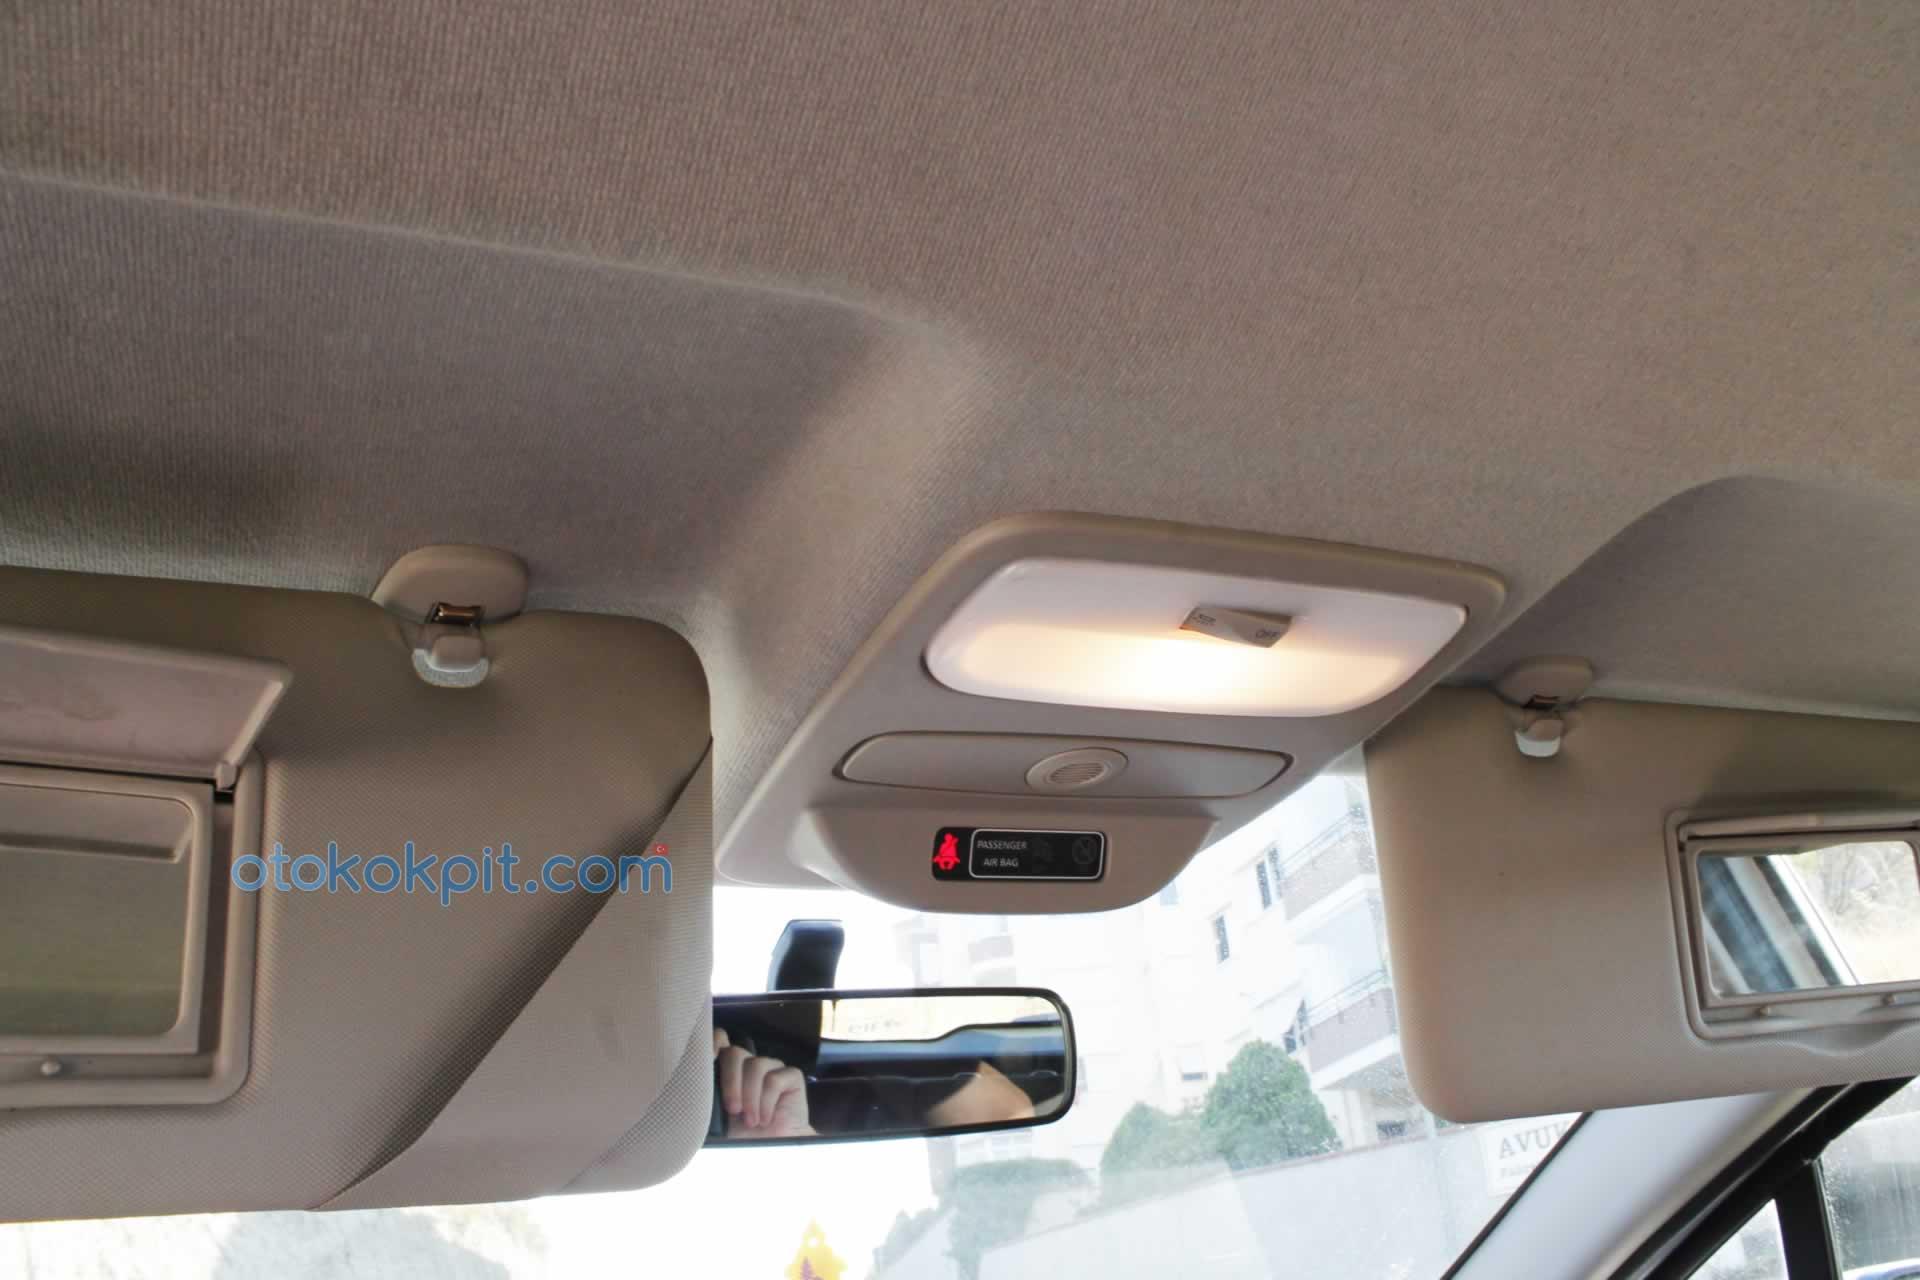 Renault Clio 4 Joy 1.5 dCi Özellikleri